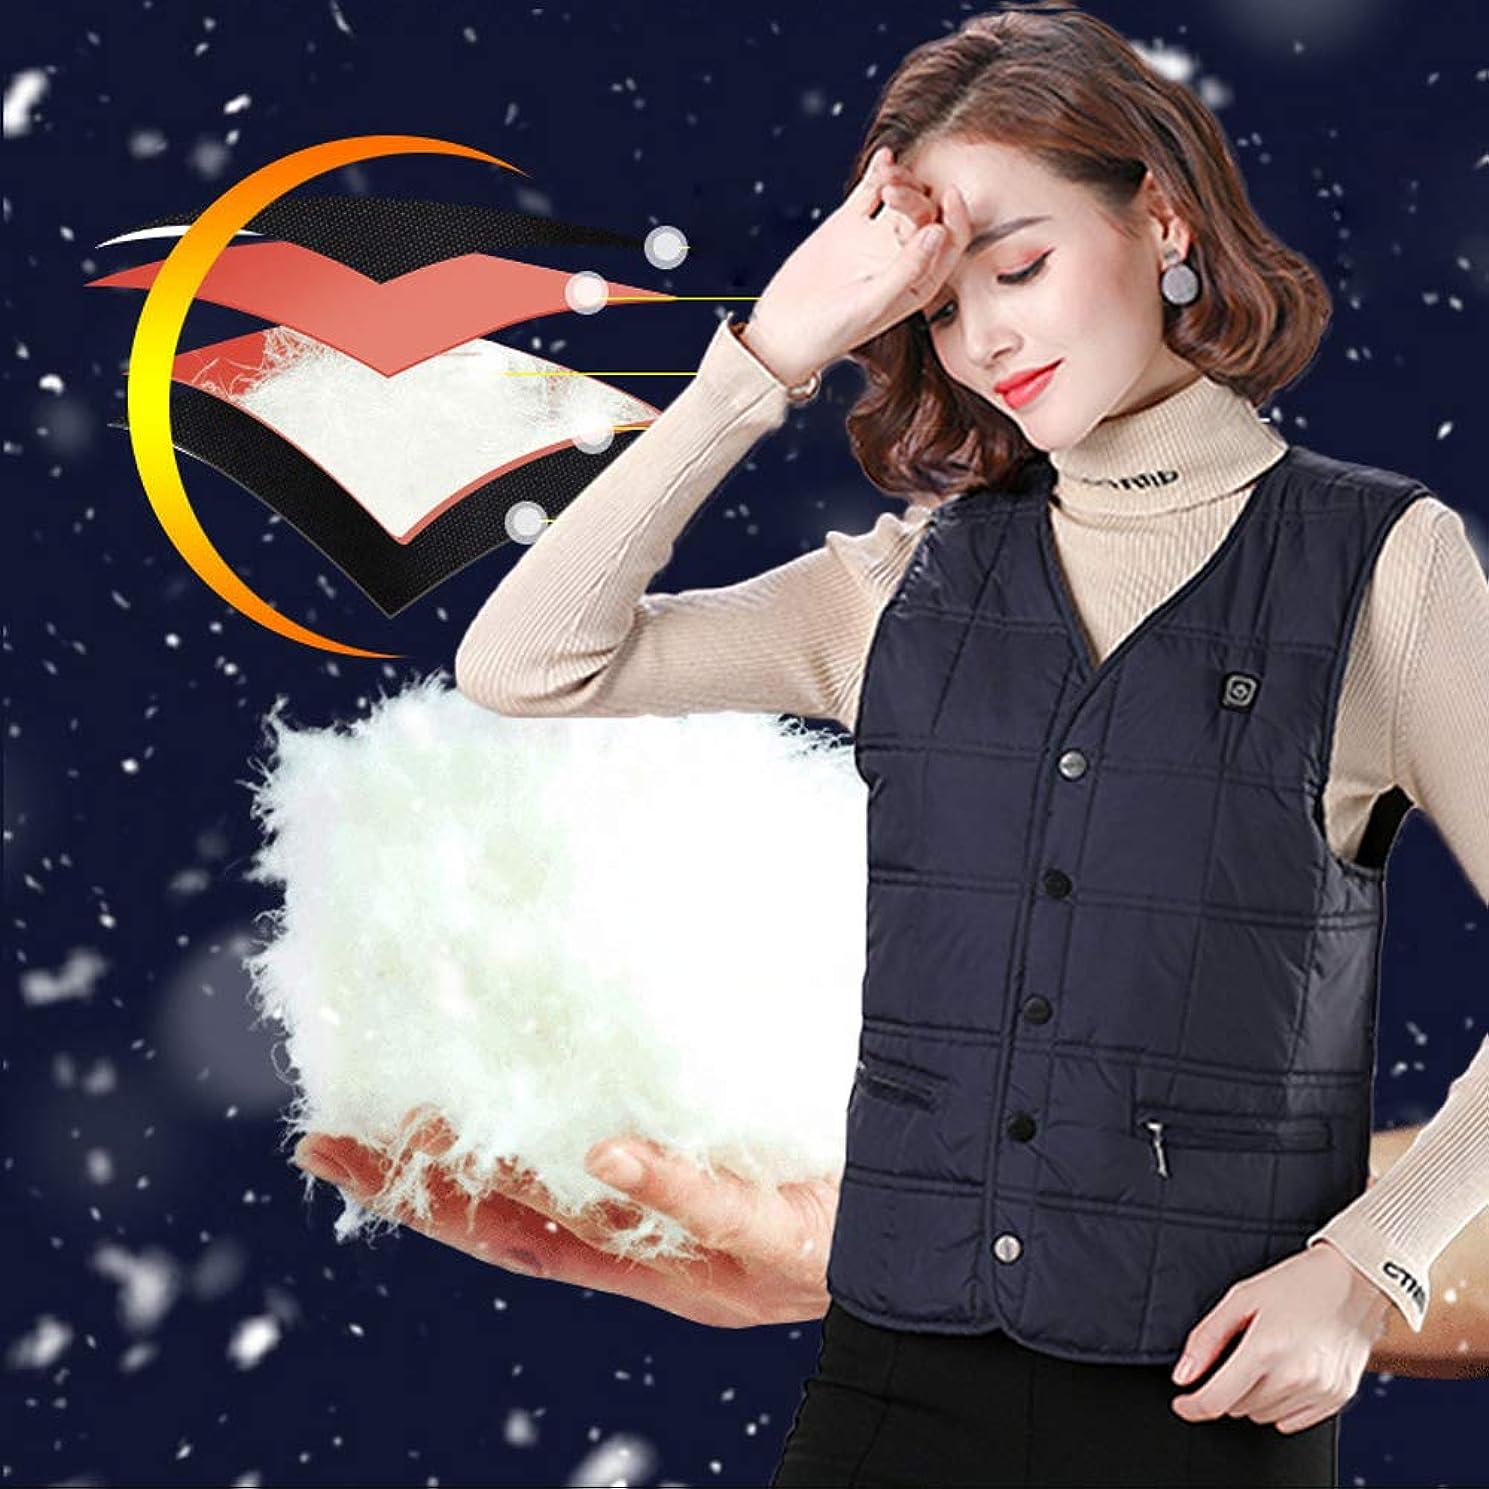 塩辛いネブ控えめな男性と女性、温水ジャケット、アップグレードされた軽量の電気温水ジャケット、暖房用ベストダウンジャケットコート用温水ベスト,ブルー,XL